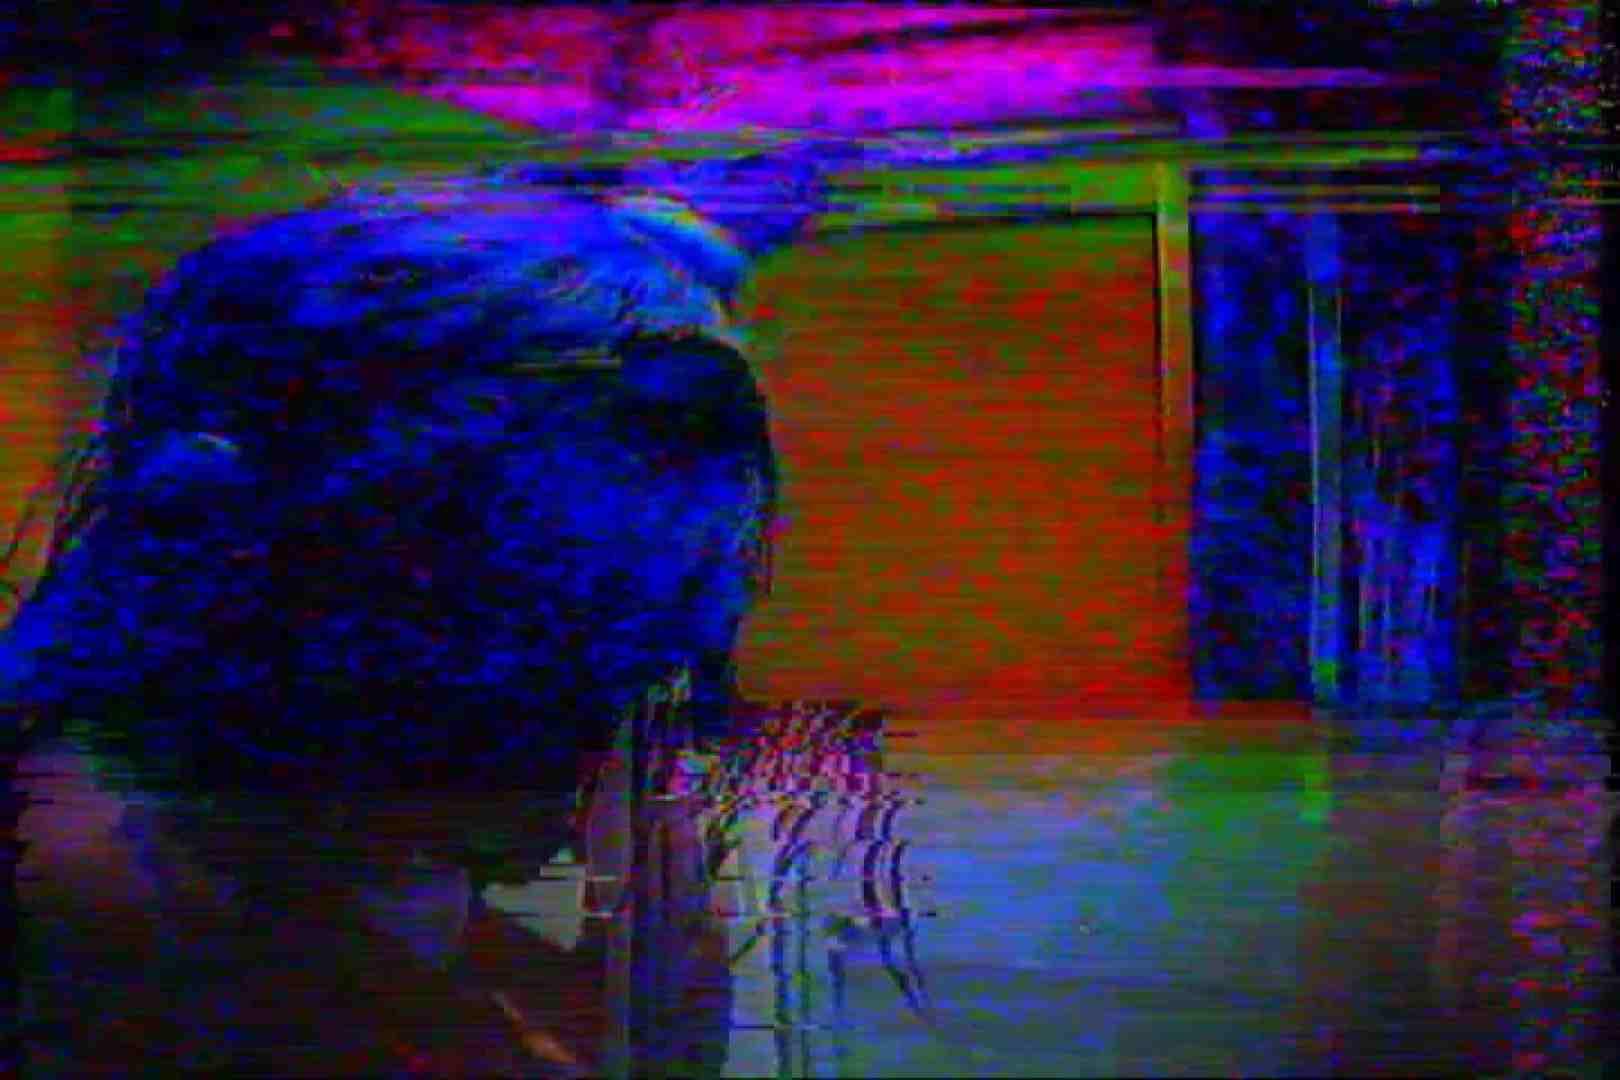 海の家の更衣室 Vol.20 日焼けした肌 セックス画像 107画像 87